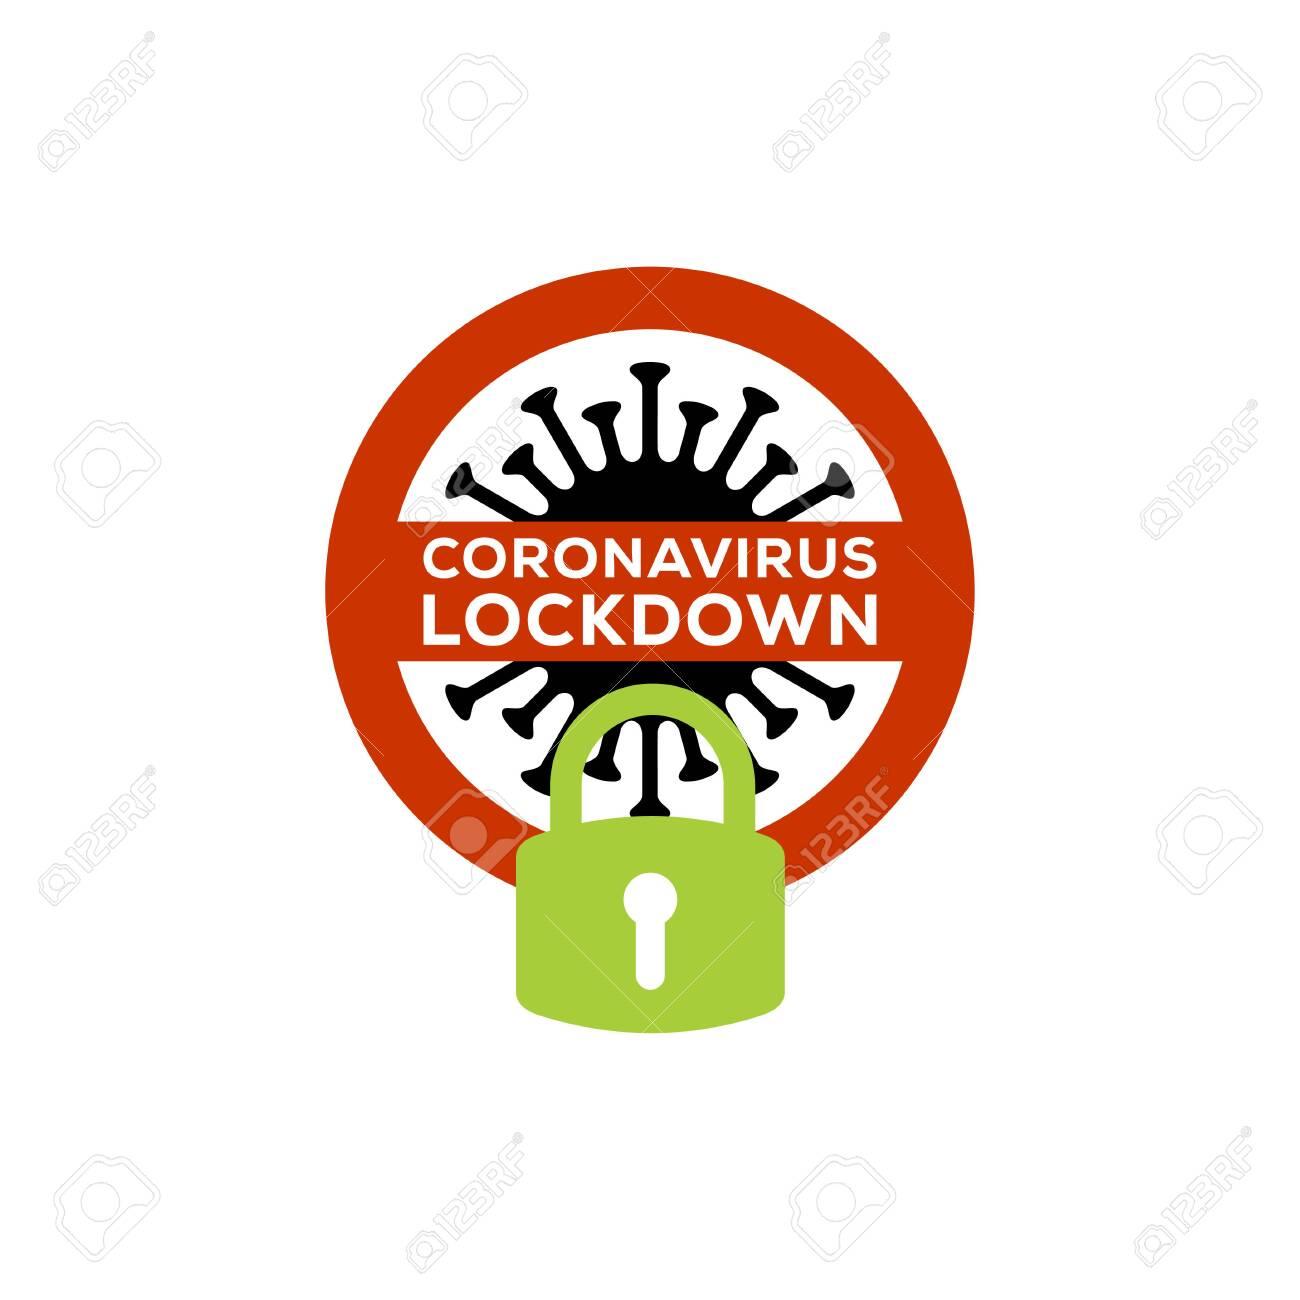 coronavirus lockdown symbol. Coronavirus pandemic puts countries on lockdown - 143792126